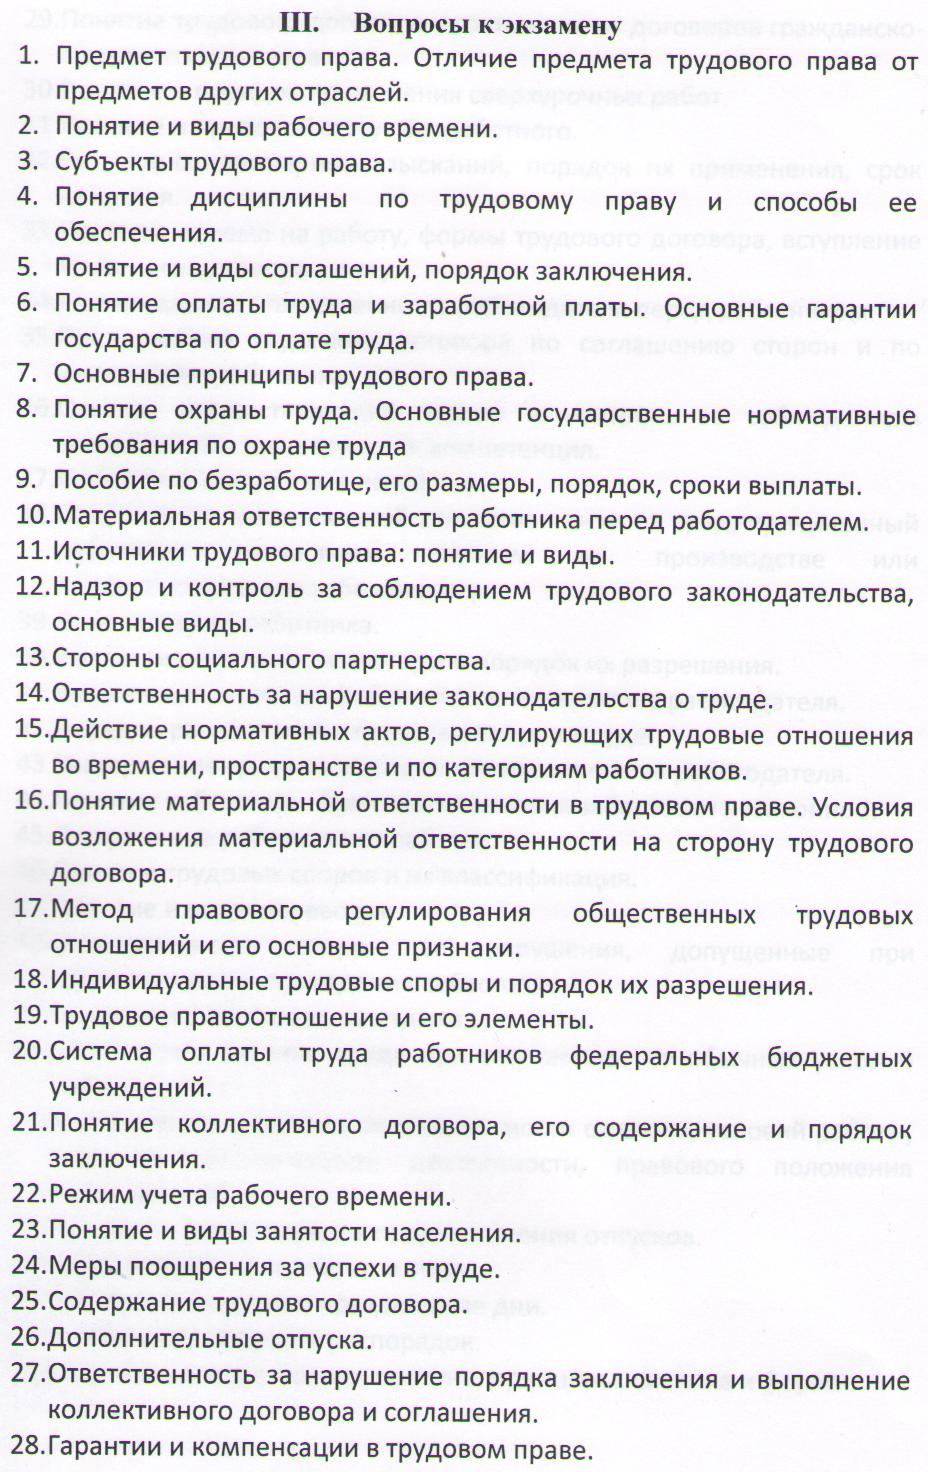 Тест по российскому предпринимательскому праву  Studmedru